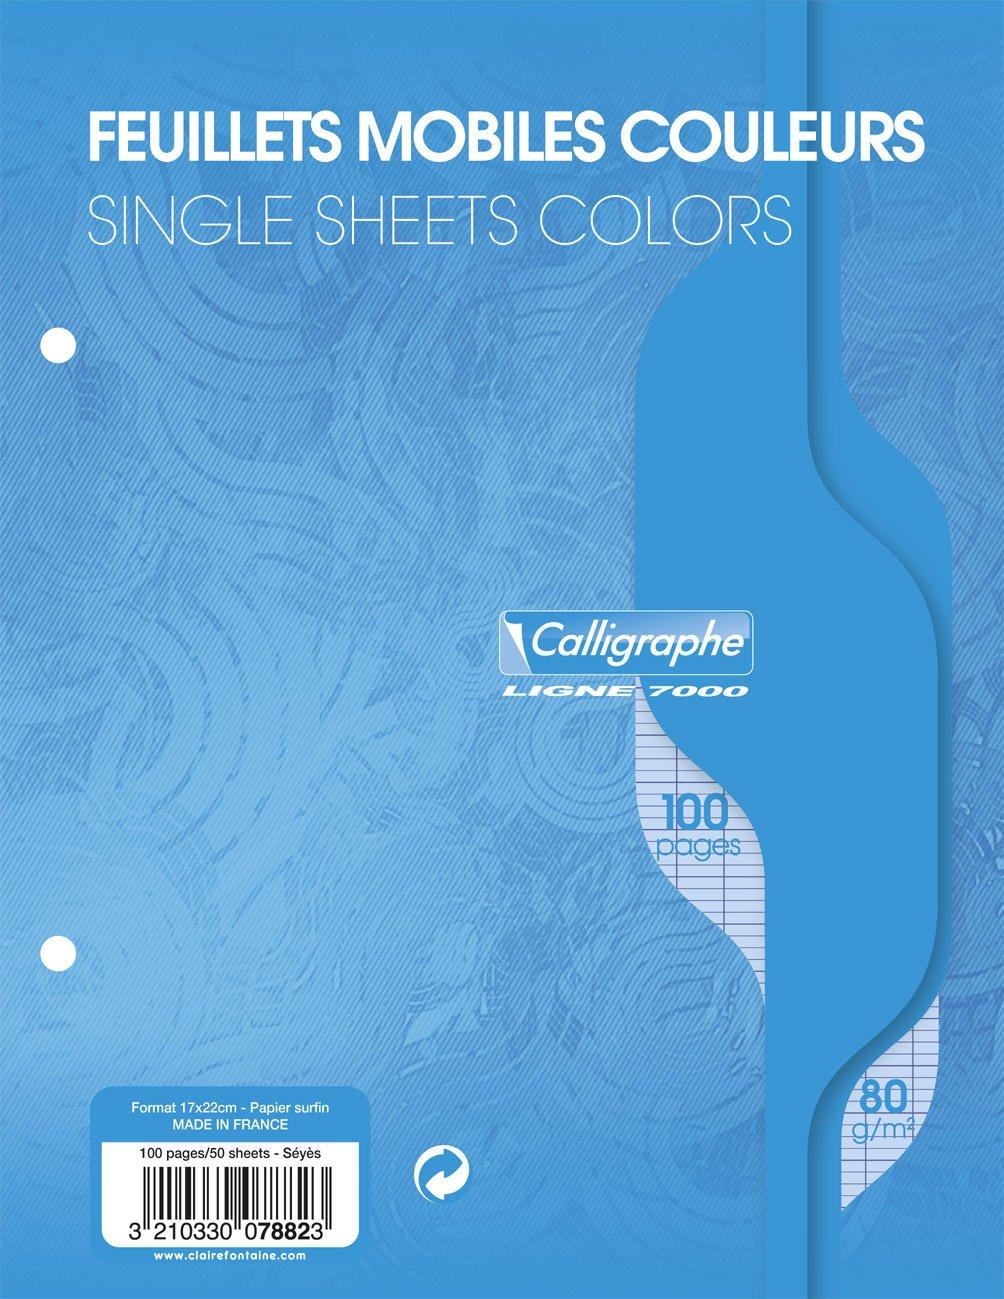 Clairefontaine 17 x 22 cm'azul papel' Seyes con rayas y 2 agujeros perforados hojas sueltas papel (paquete de 50 hojas) 7882C